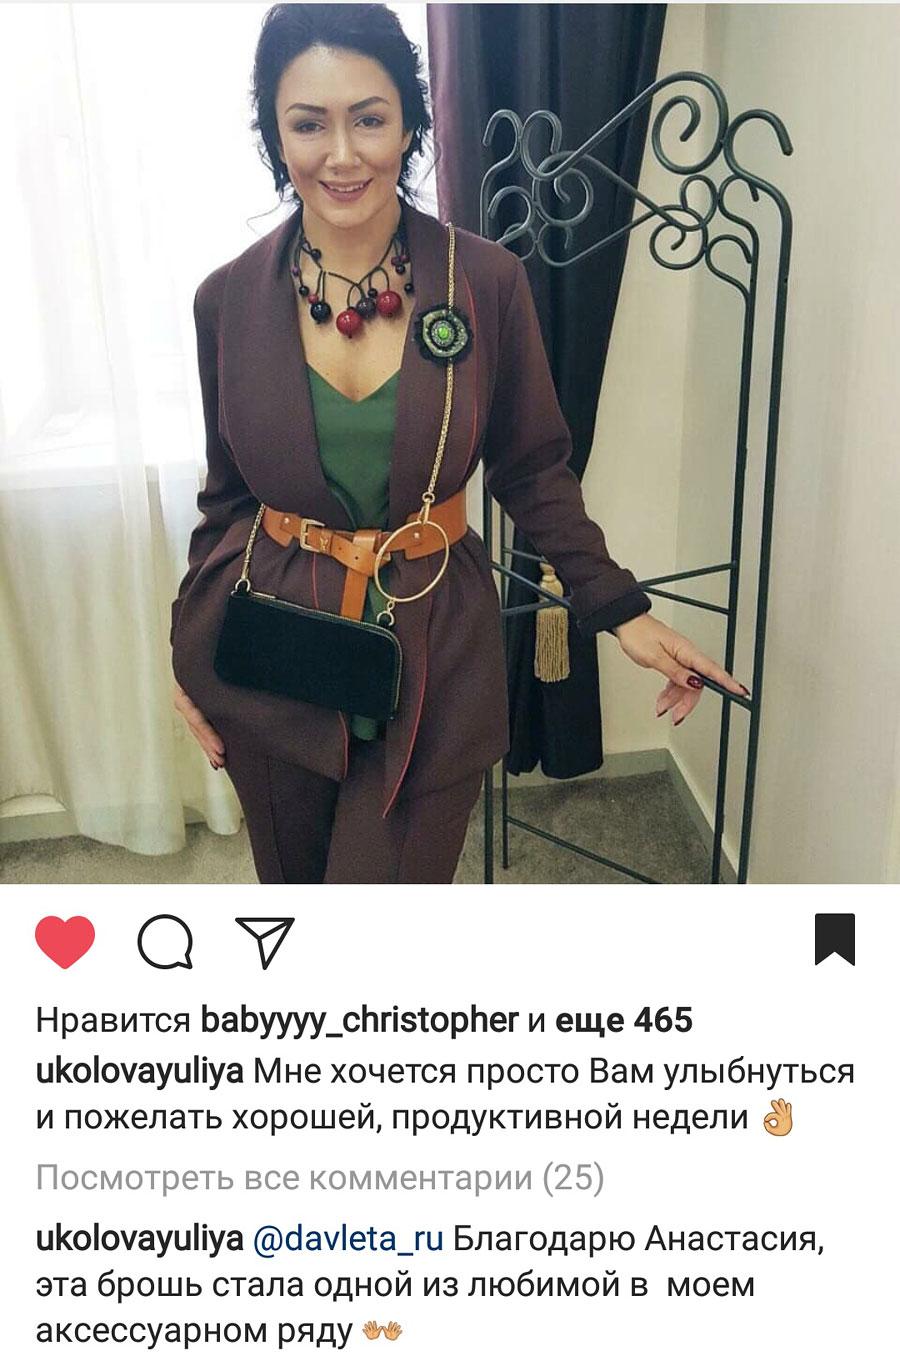 Отзыв стилиста-имиджмейкера, президента Ассоциации стилистов-имиджмейкеров Юлии Уколовой